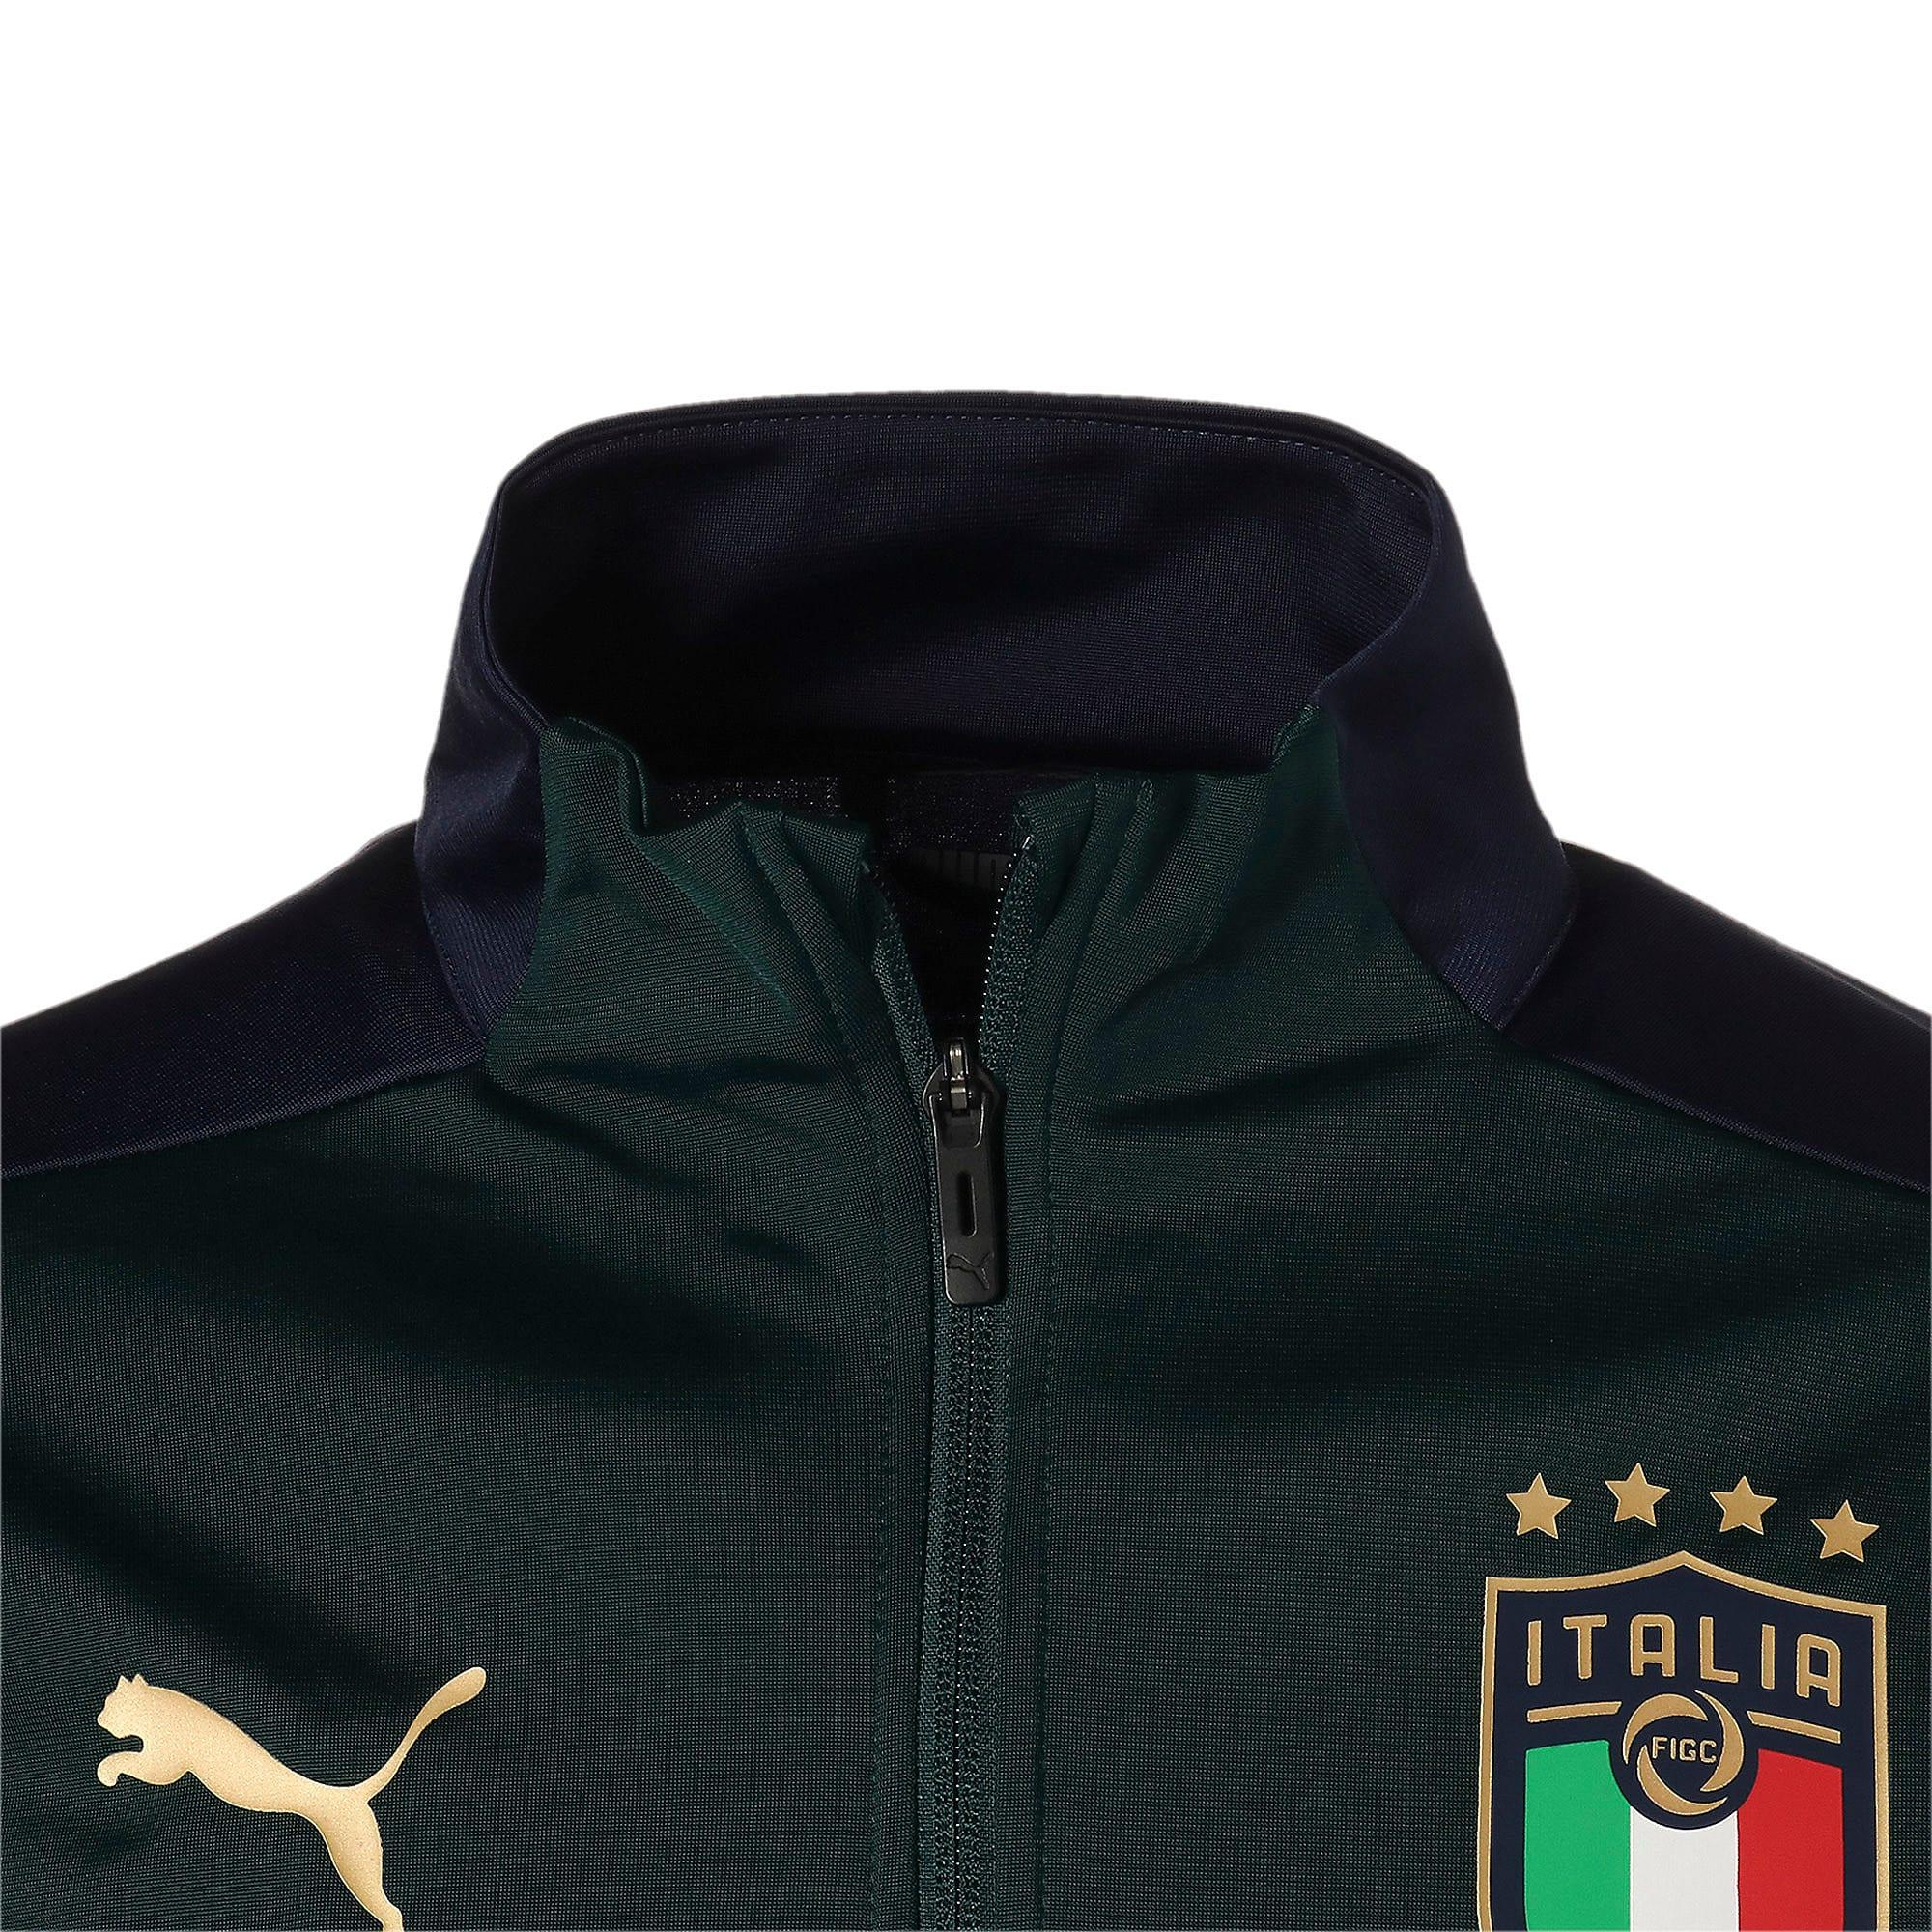 Thumbnail 7 of FIGC イタリア トレーニング ジャケット, Ponderosa Pine-Peacoat, medium-JPN